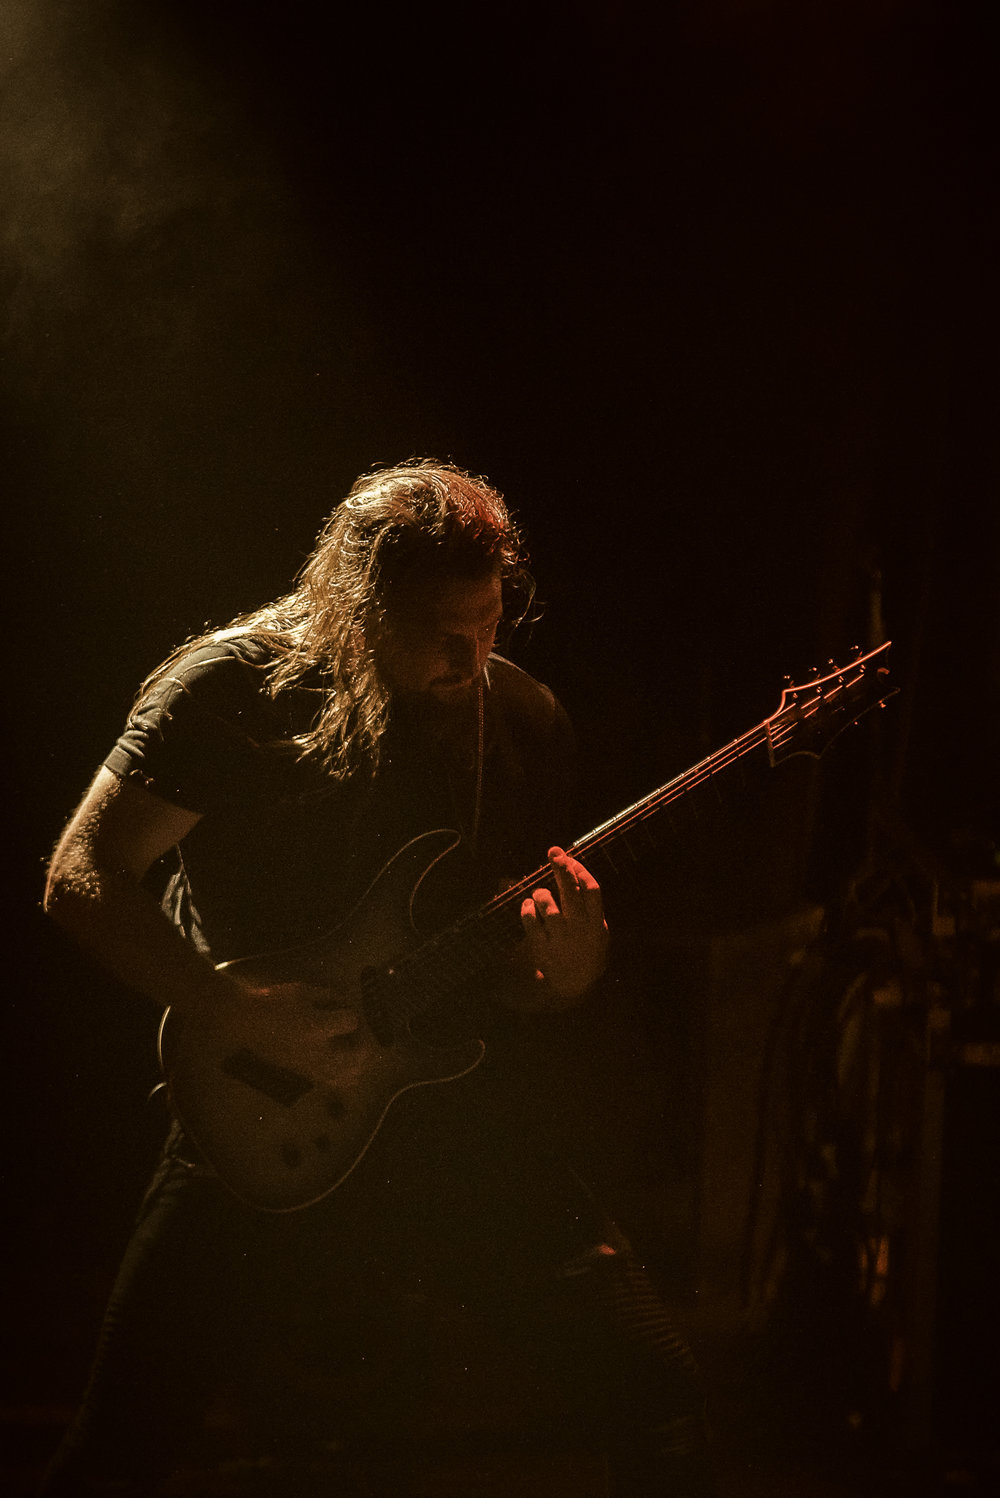 Matt Klavins